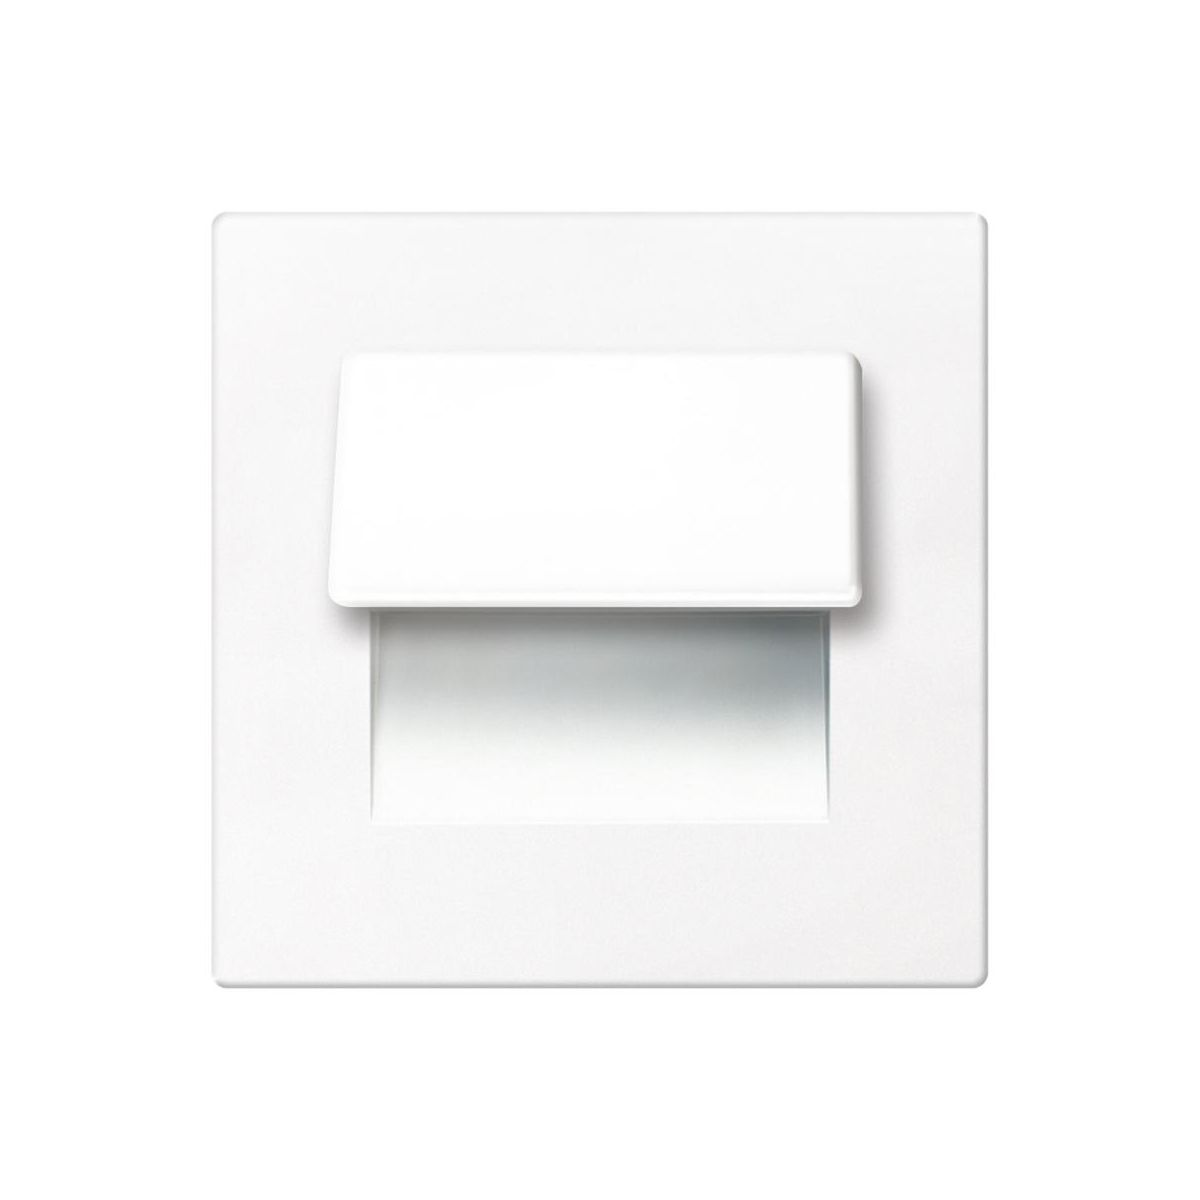 Oprawa Schodowa Live Ip44 7 Cm Biala Kwadratowa Led Barwa Neutralna Spot Light Oprawy Schodowe W Atrakcyjnej Cenie W Sklepach Leroy Merlin